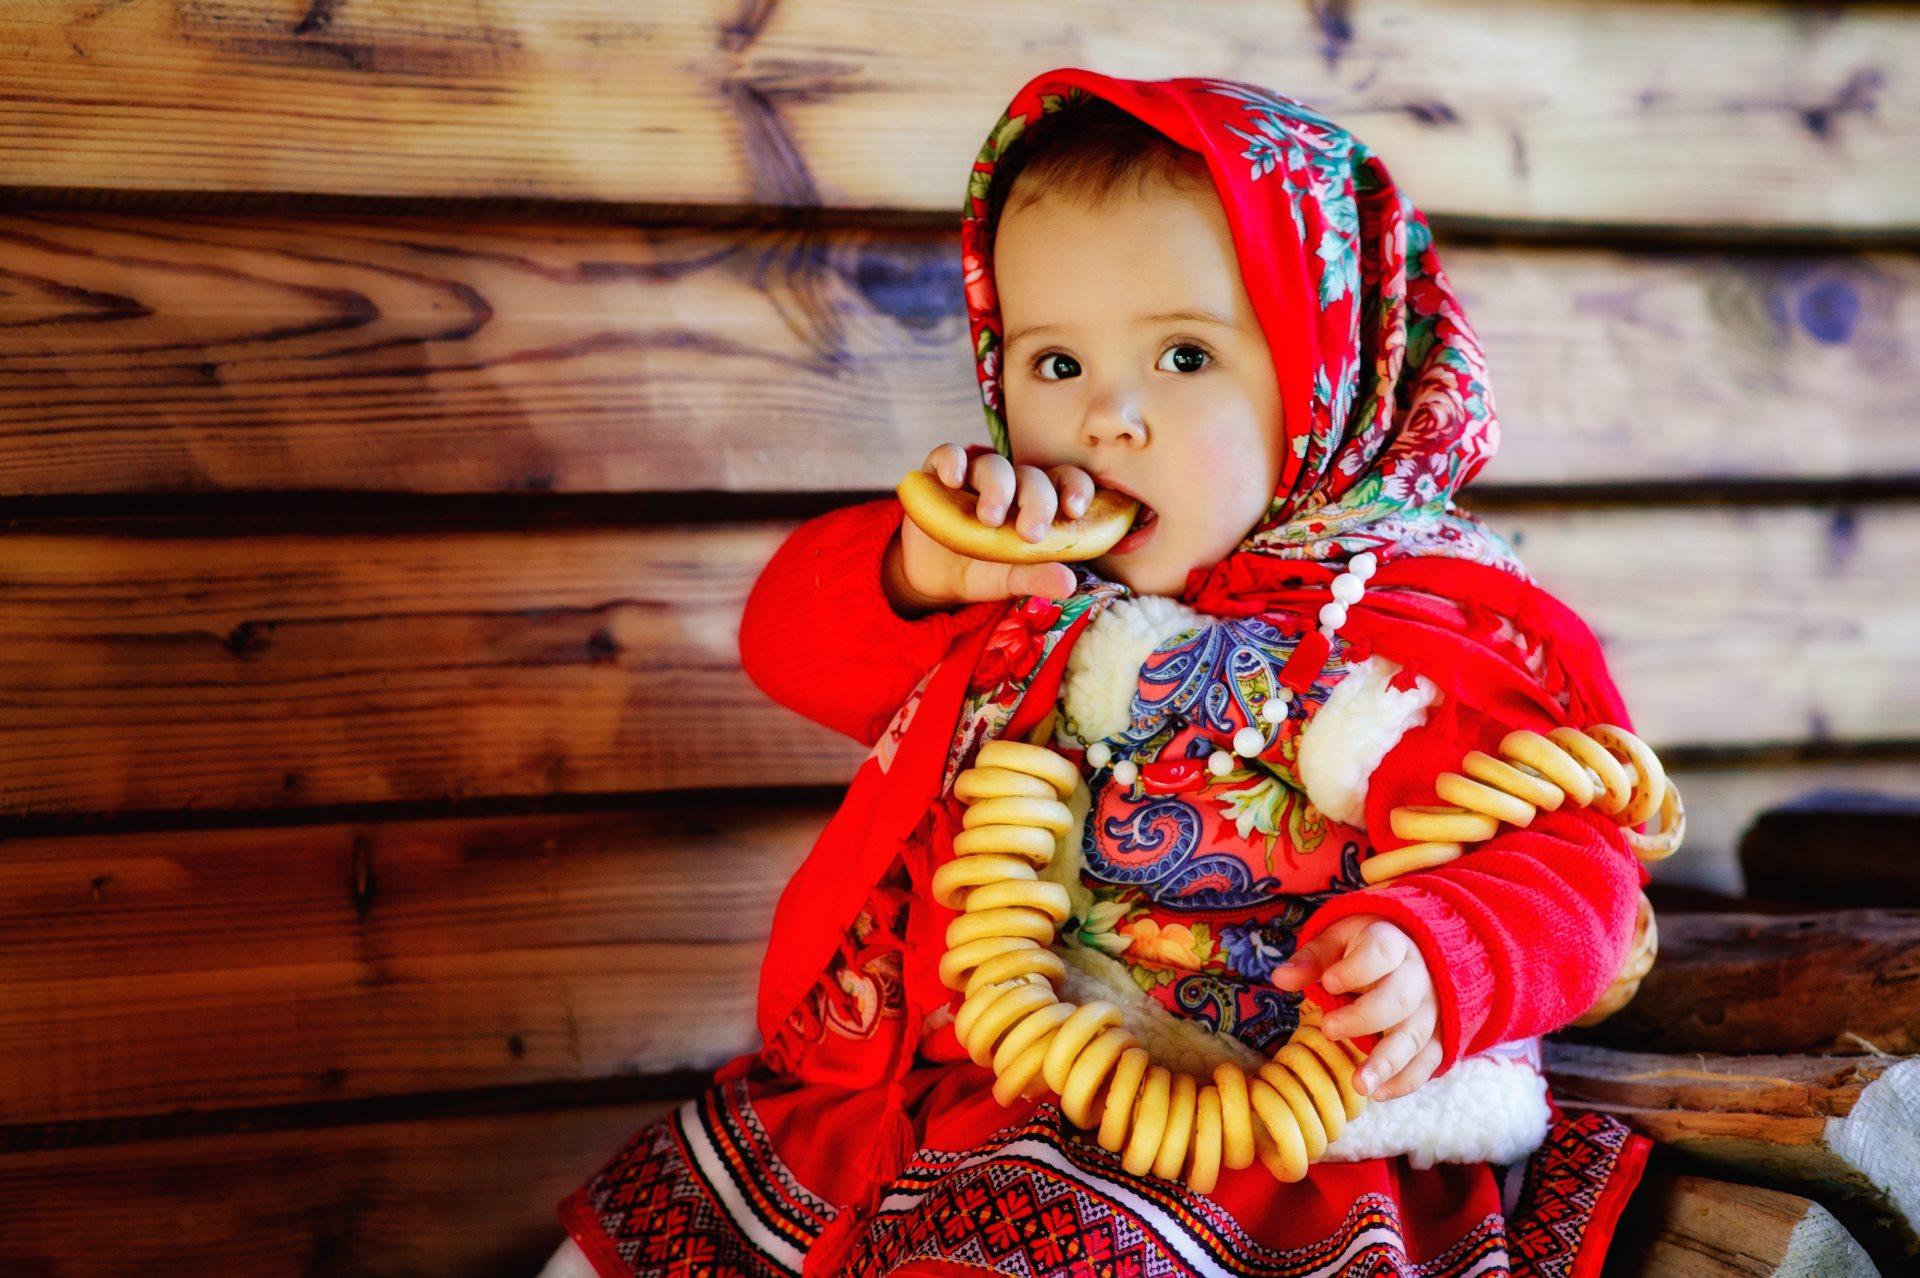 najlepsa imena ruskog porekla_1869336226